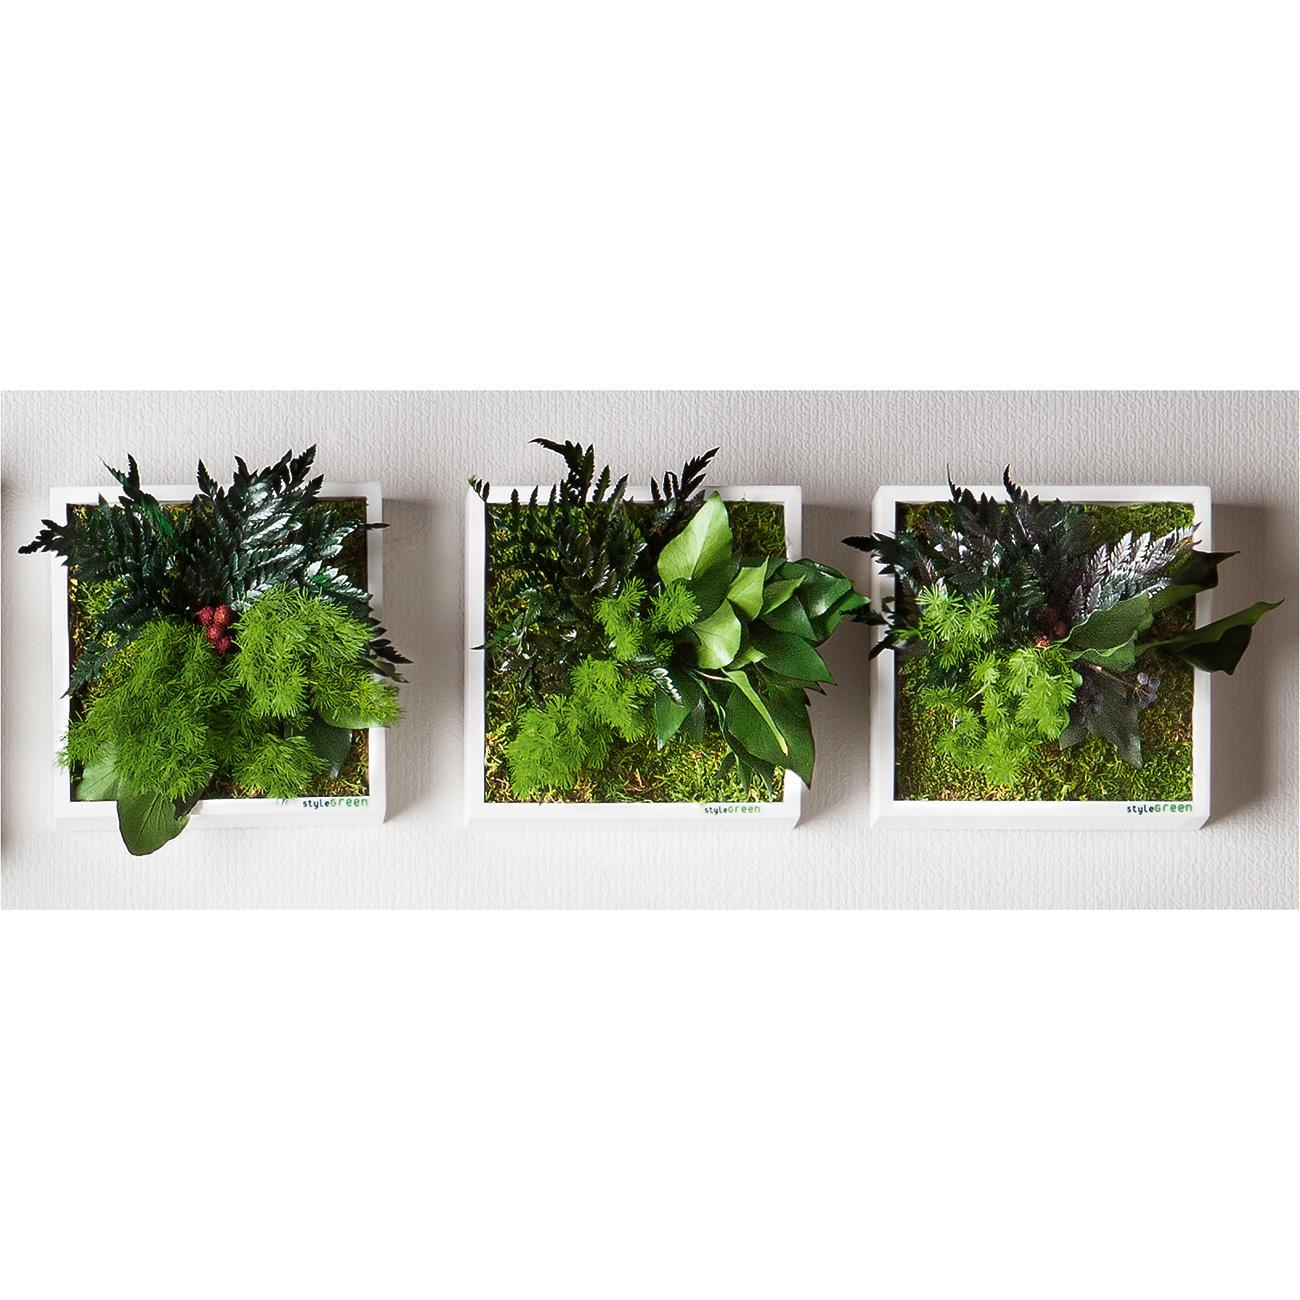 Echtpflanzenbilder  3 Jahre Garantie  ProIdee